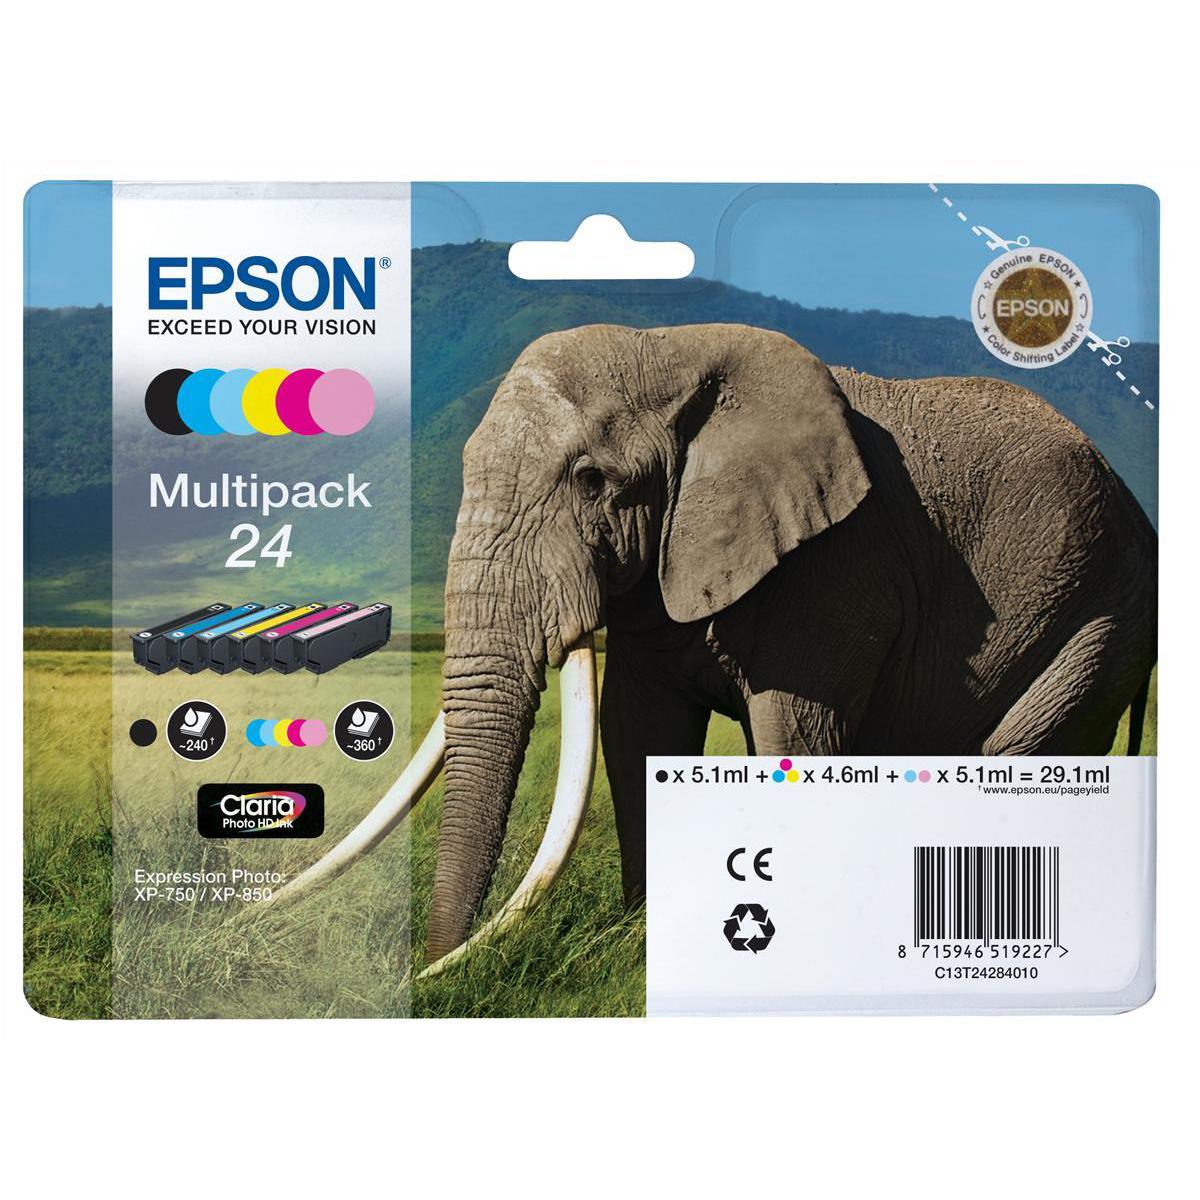 Epson24 IJCartElep HY Blk5.1ml/Cyan4.6ml/Mag4.6ml/Yel4.6ml /L/Cyan5.1ml /L/Mag5.1ml RefT24284010 [Pack 6]